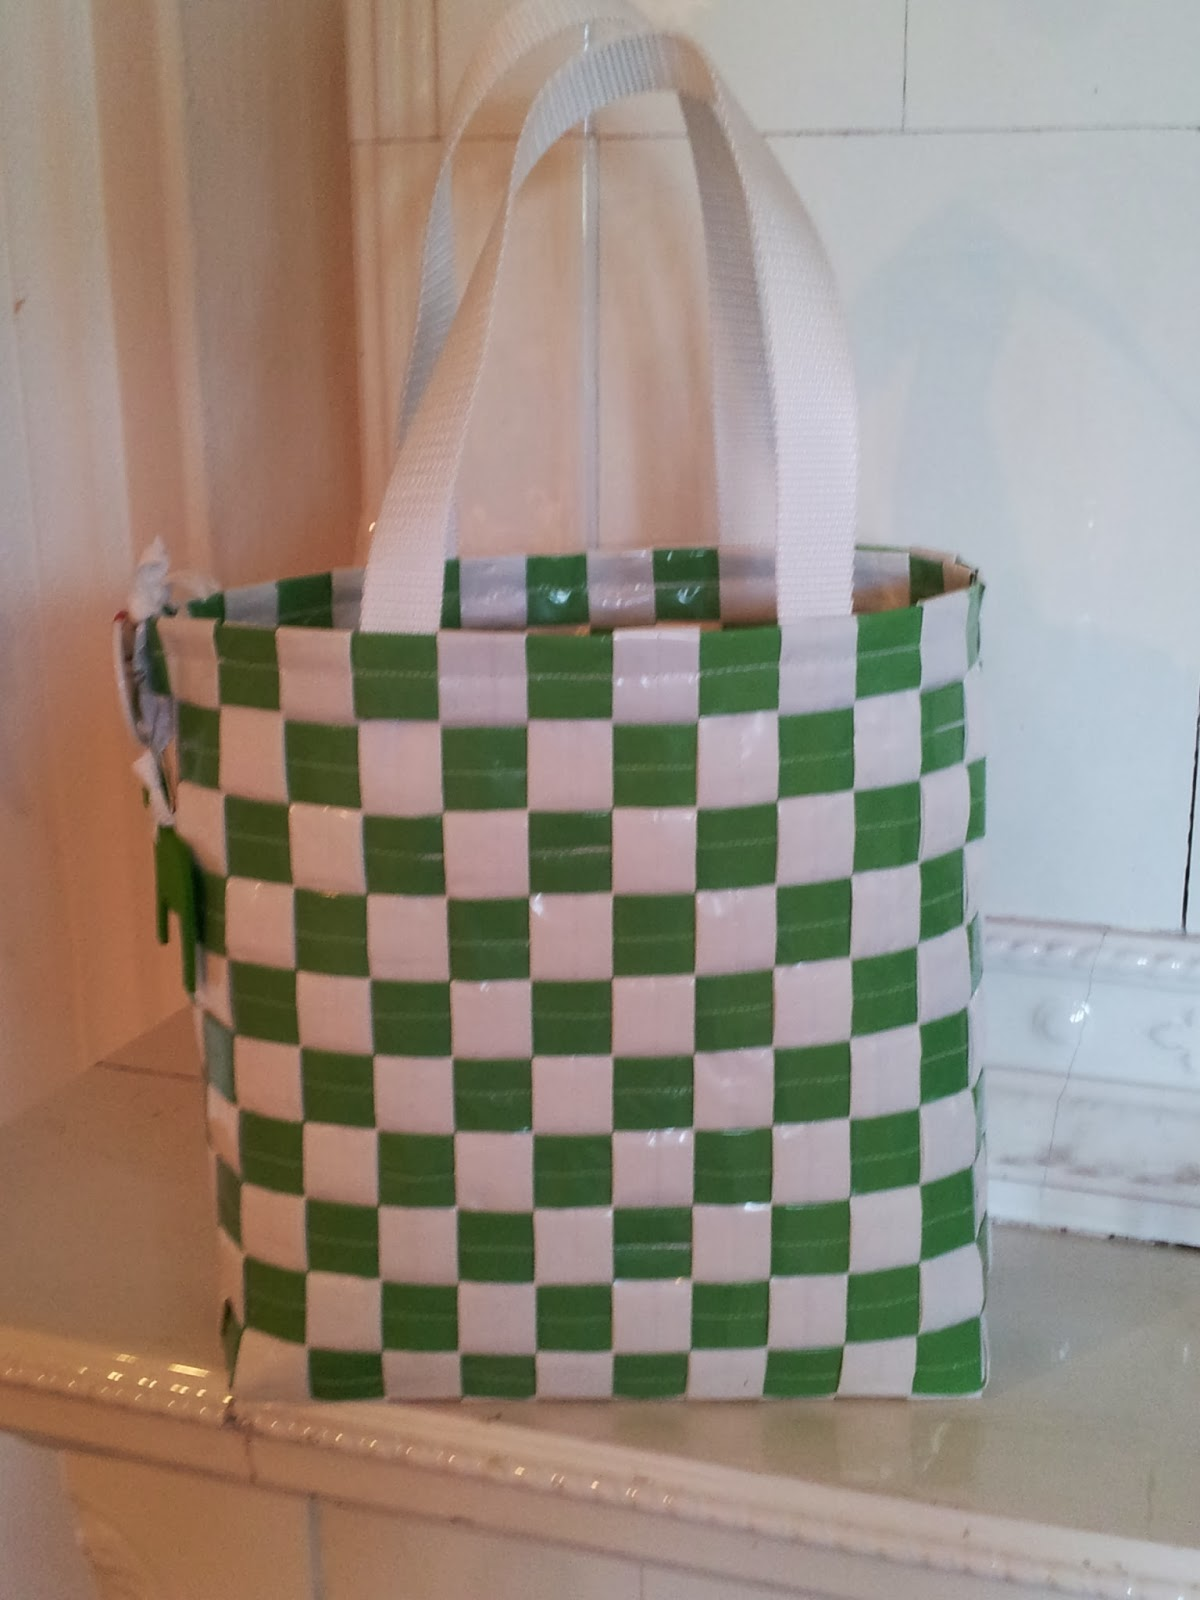 En sportaffär i Rättvik har egen tejp och vill ha en egen väska. 8970a4fb1ed00